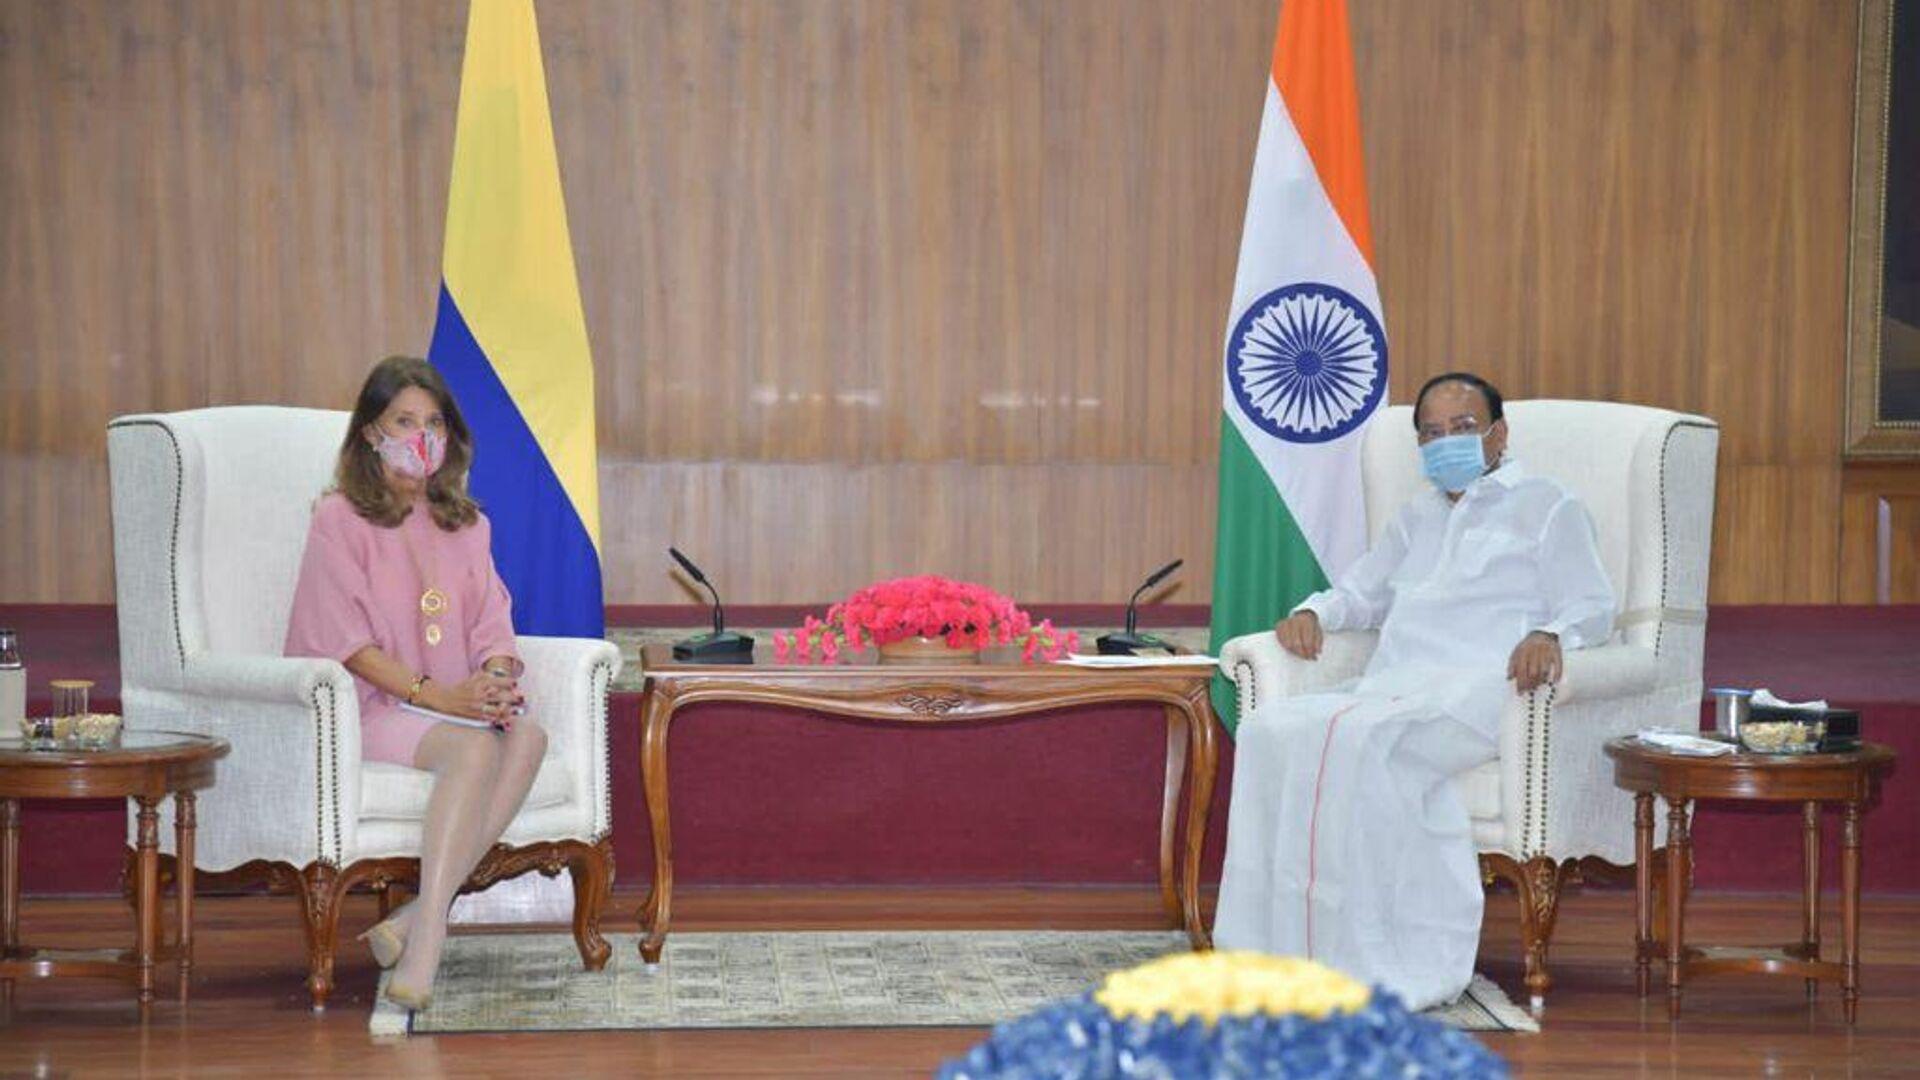 La vicepresidenta y canciller de Colombia, Marta Lucía Ramírez, con el vicepresidente de La India, Venkaiah Naidu - Sputnik Mundo, 1920, 01.10.2021